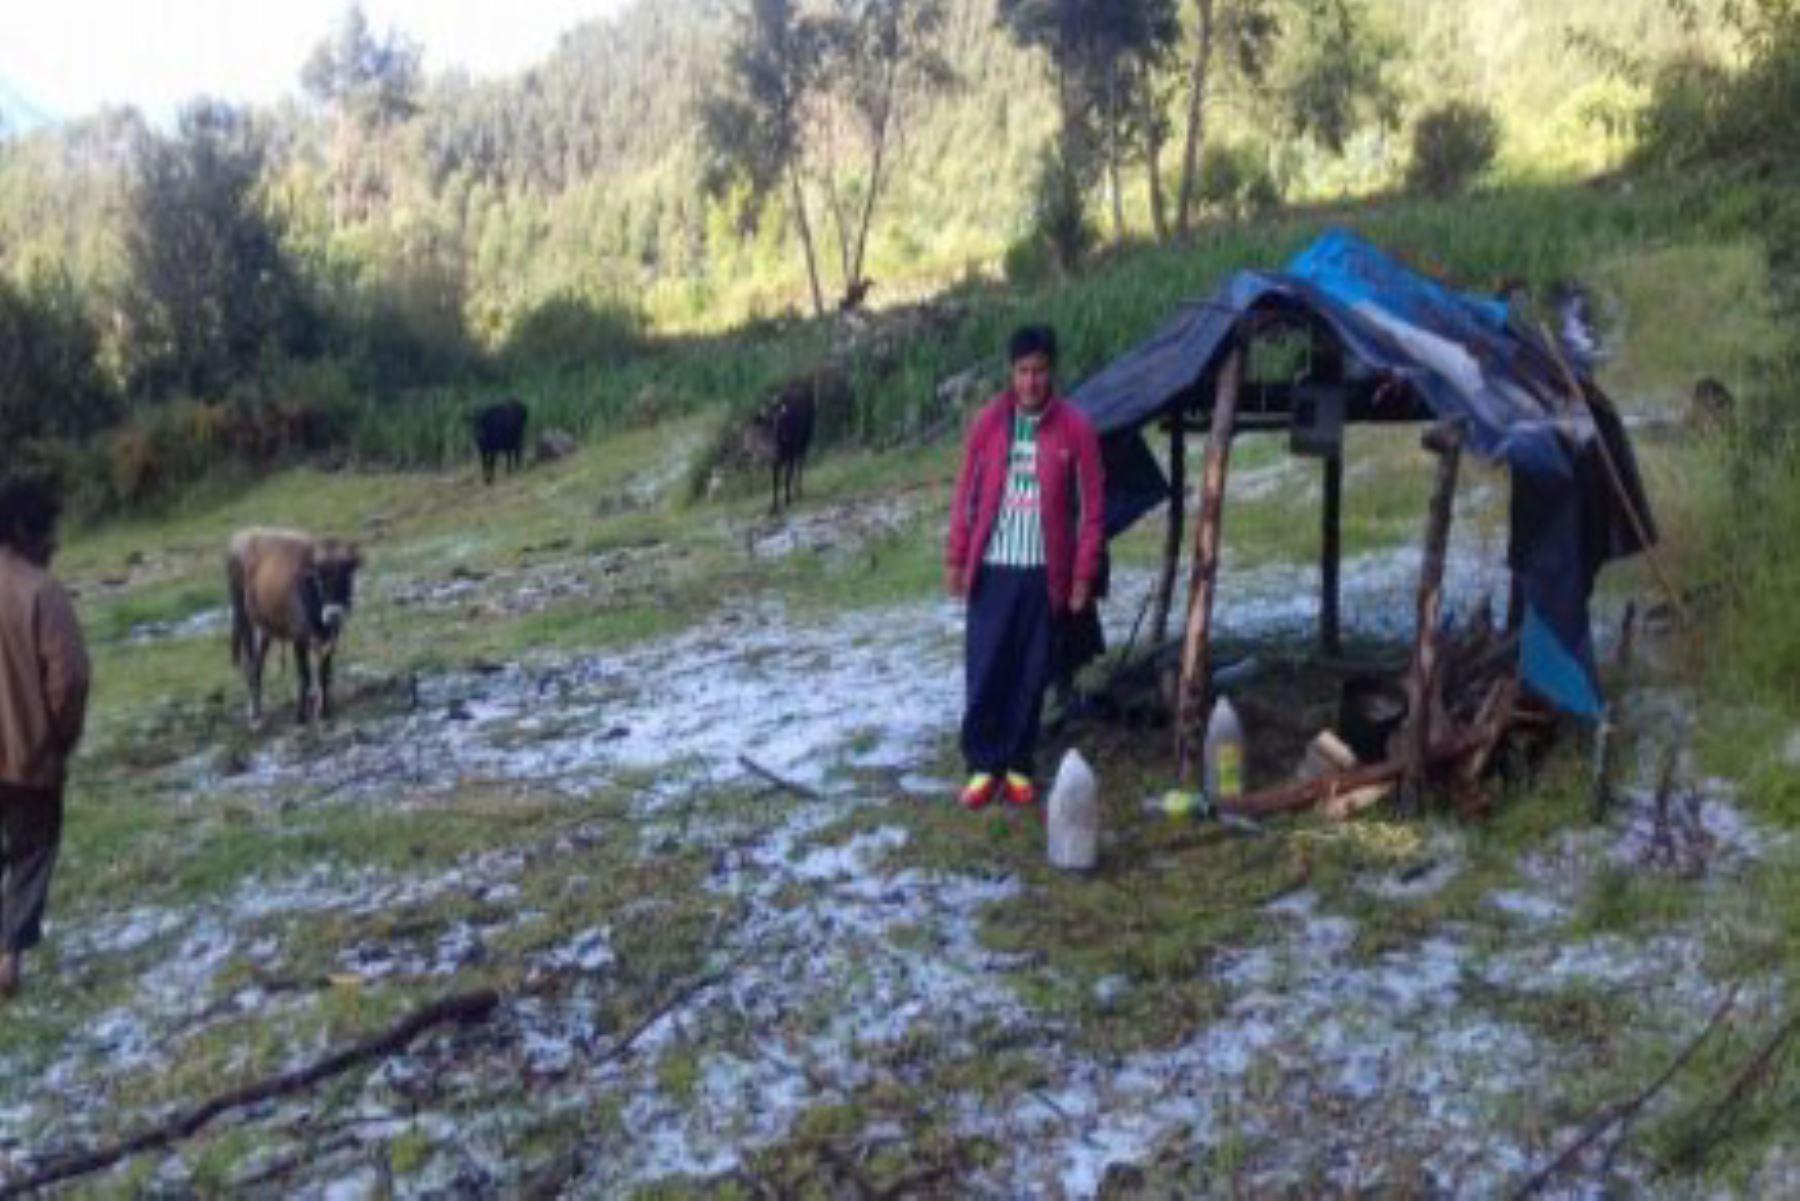 Intensas lluvias ocasionan inundación en el distrito de Andarapa, en la provincia de Andahuaylas, región Apurímac. Foto: ANDINA/Archivo